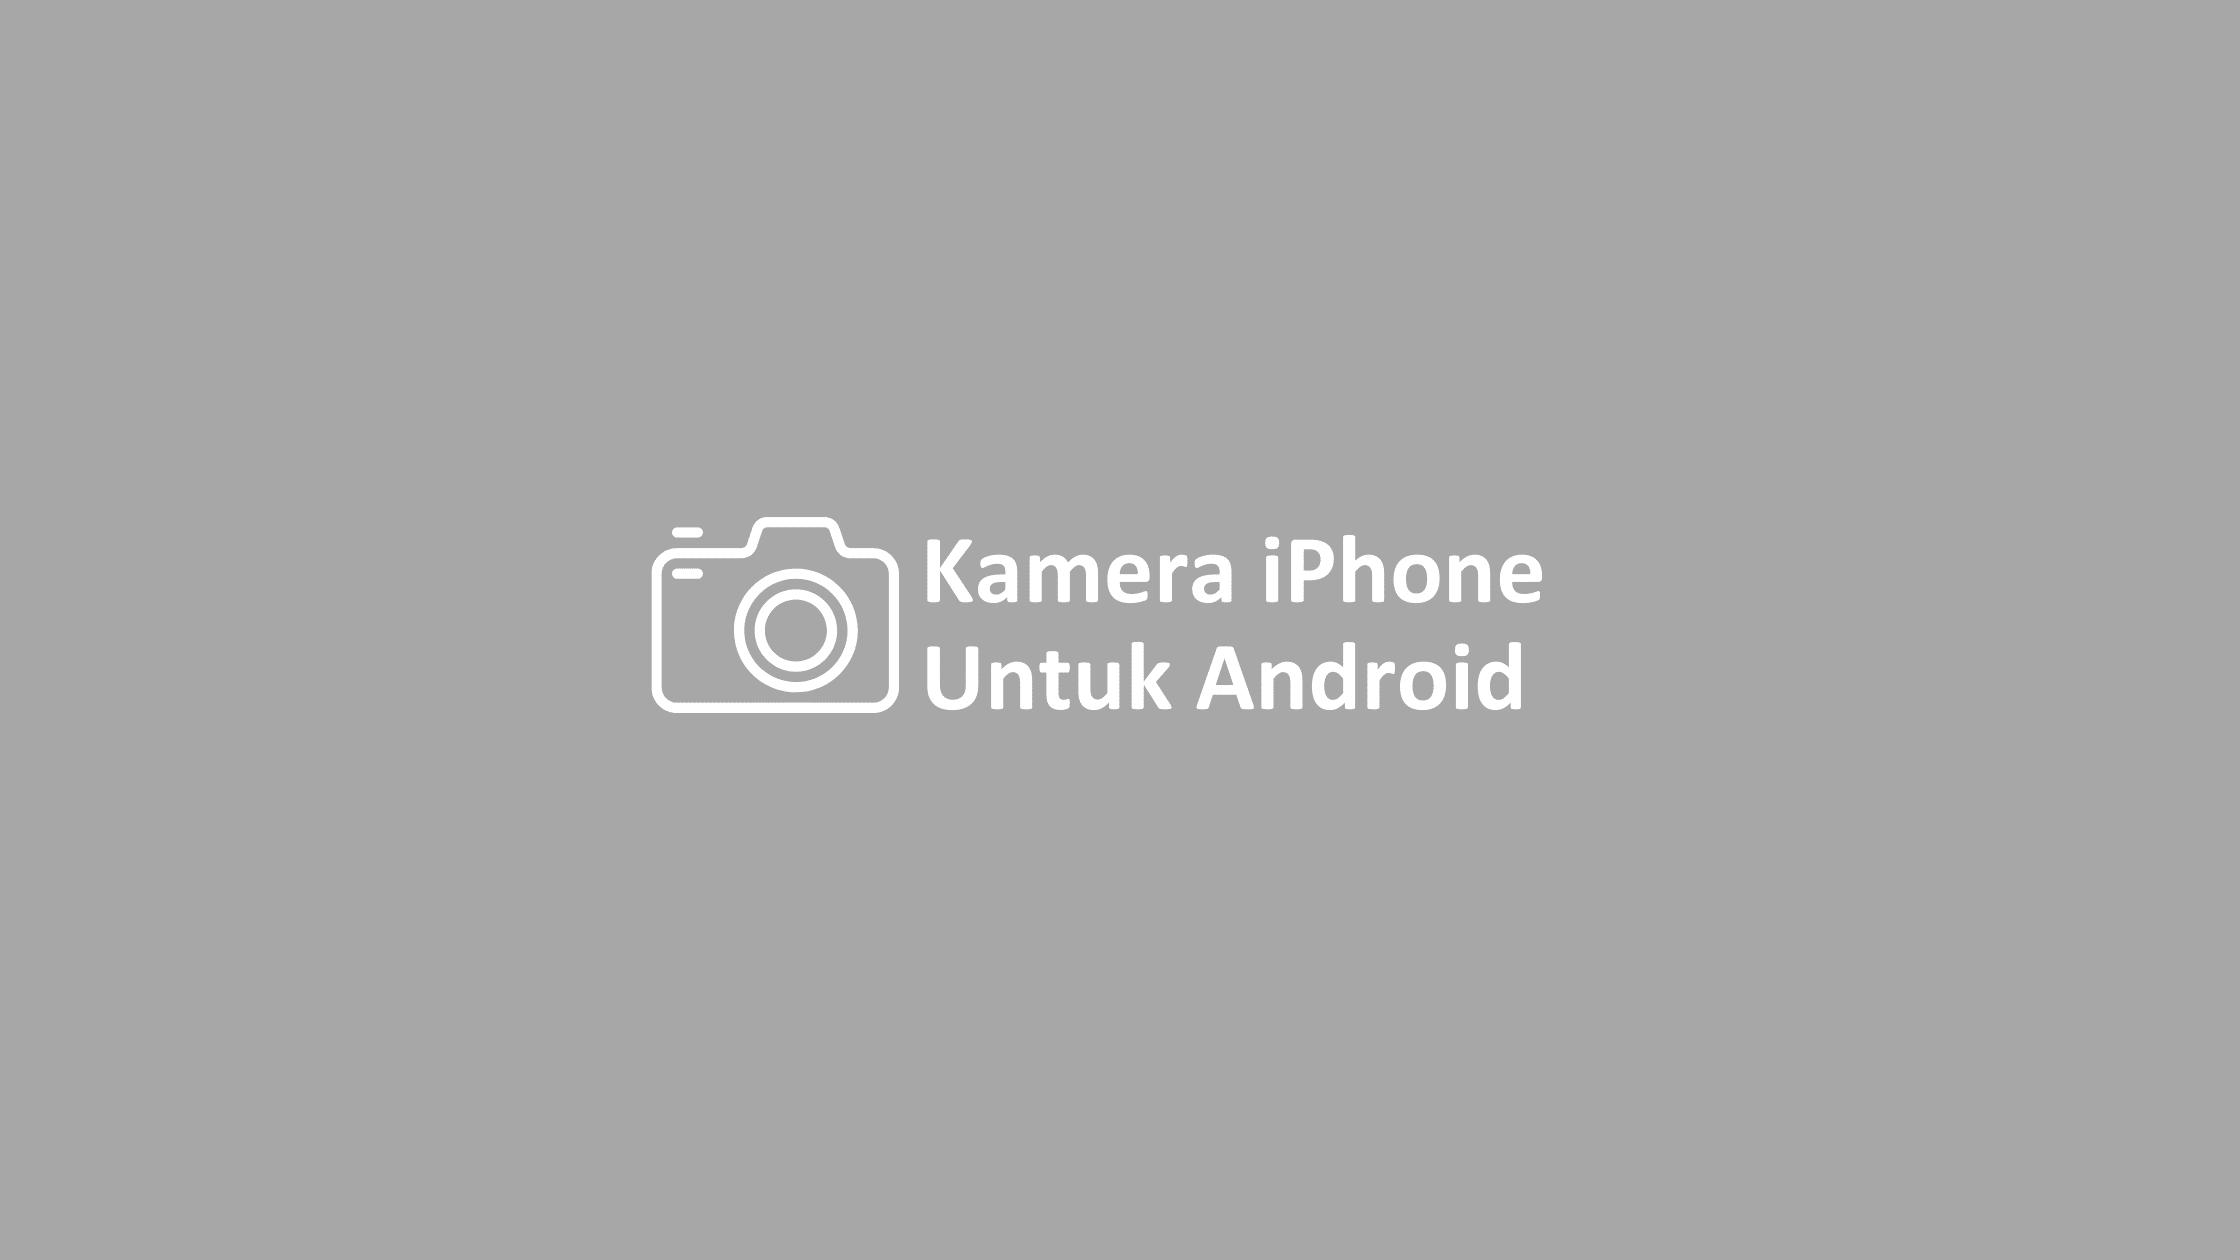 aplikasi kamera iphone untuk android